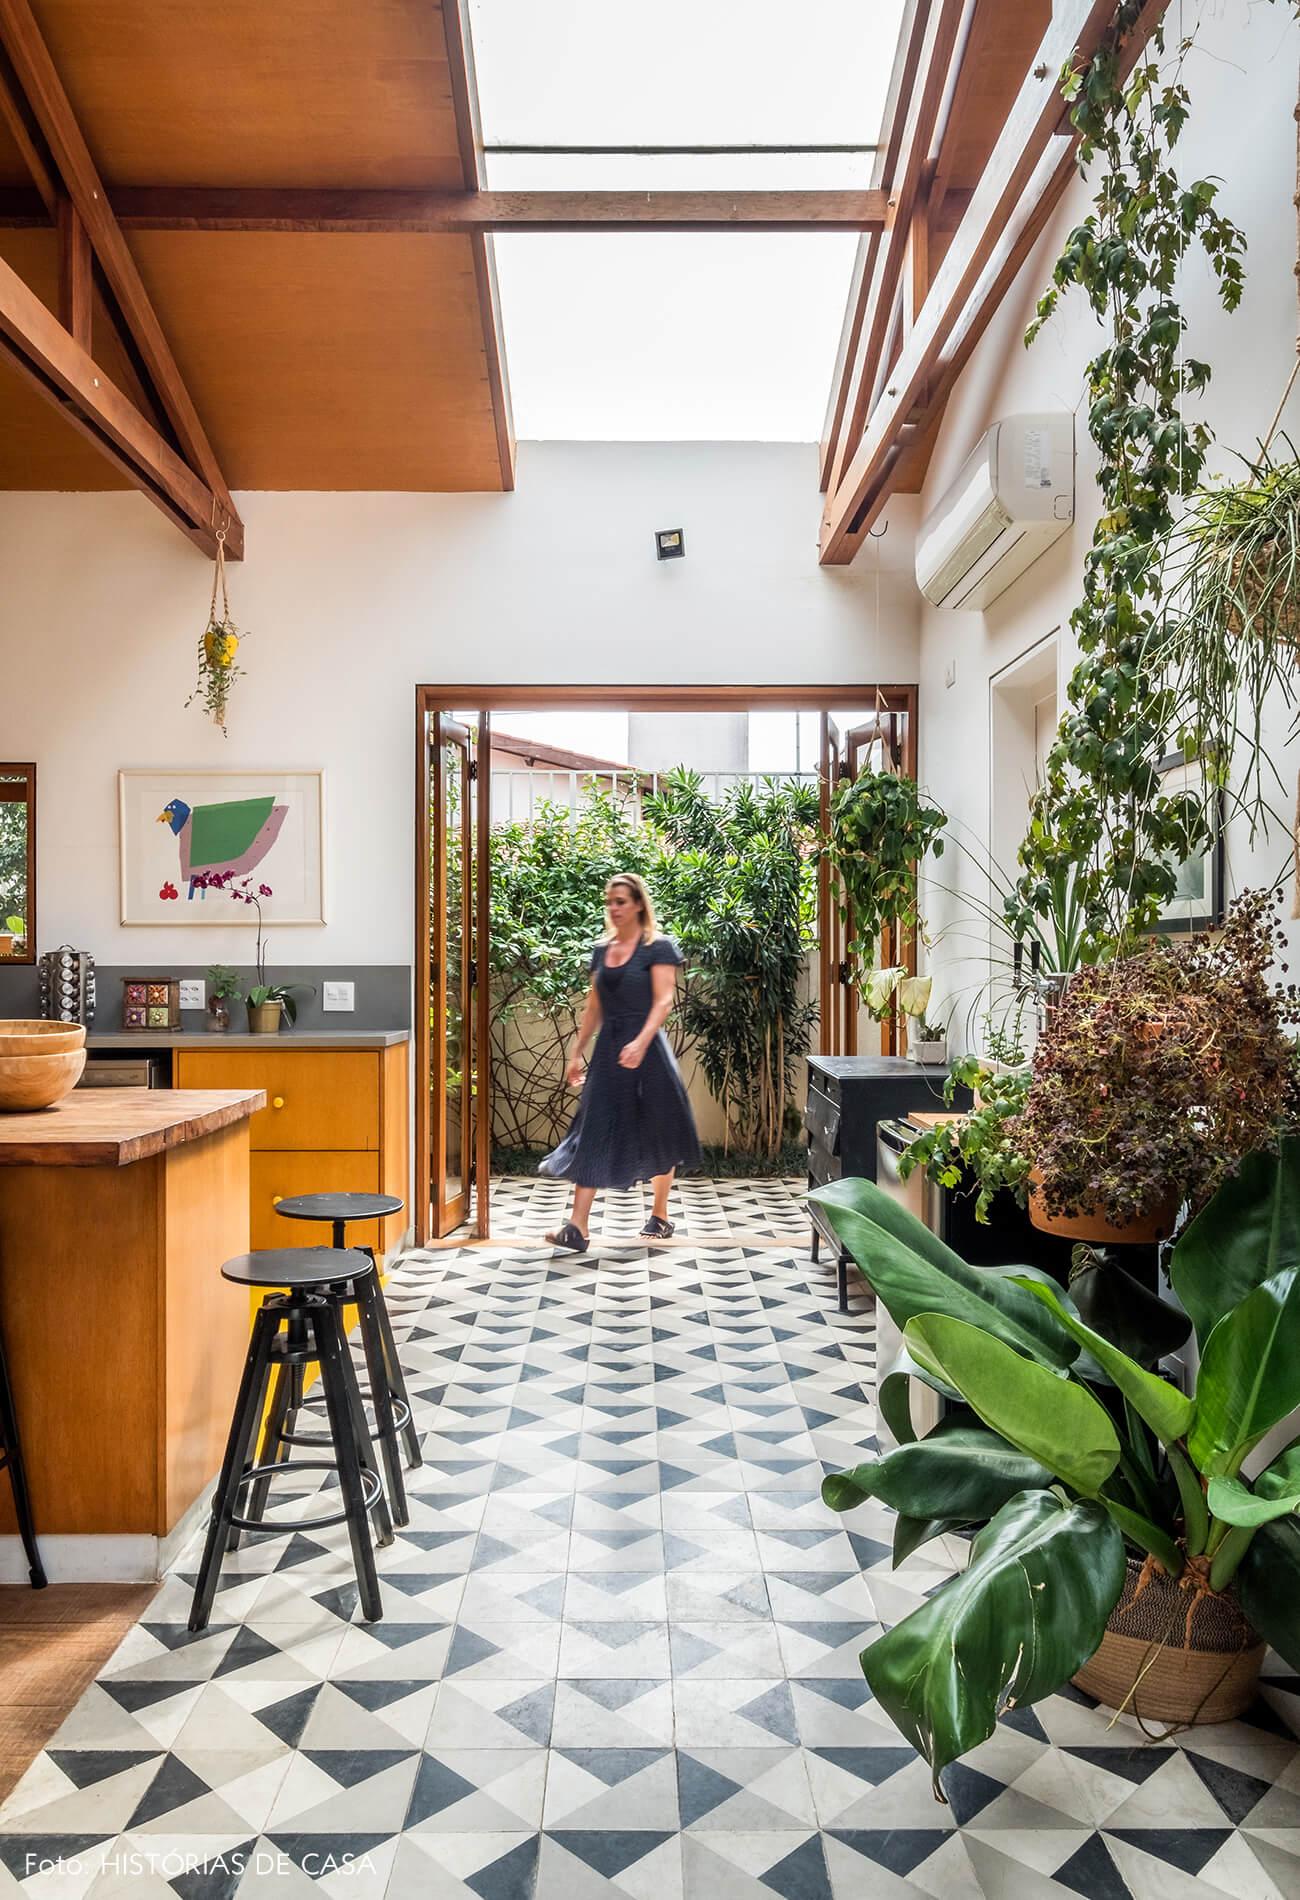 Cozinha com pé-direito alto e faixa de ladrilhos hidráulicos no piso